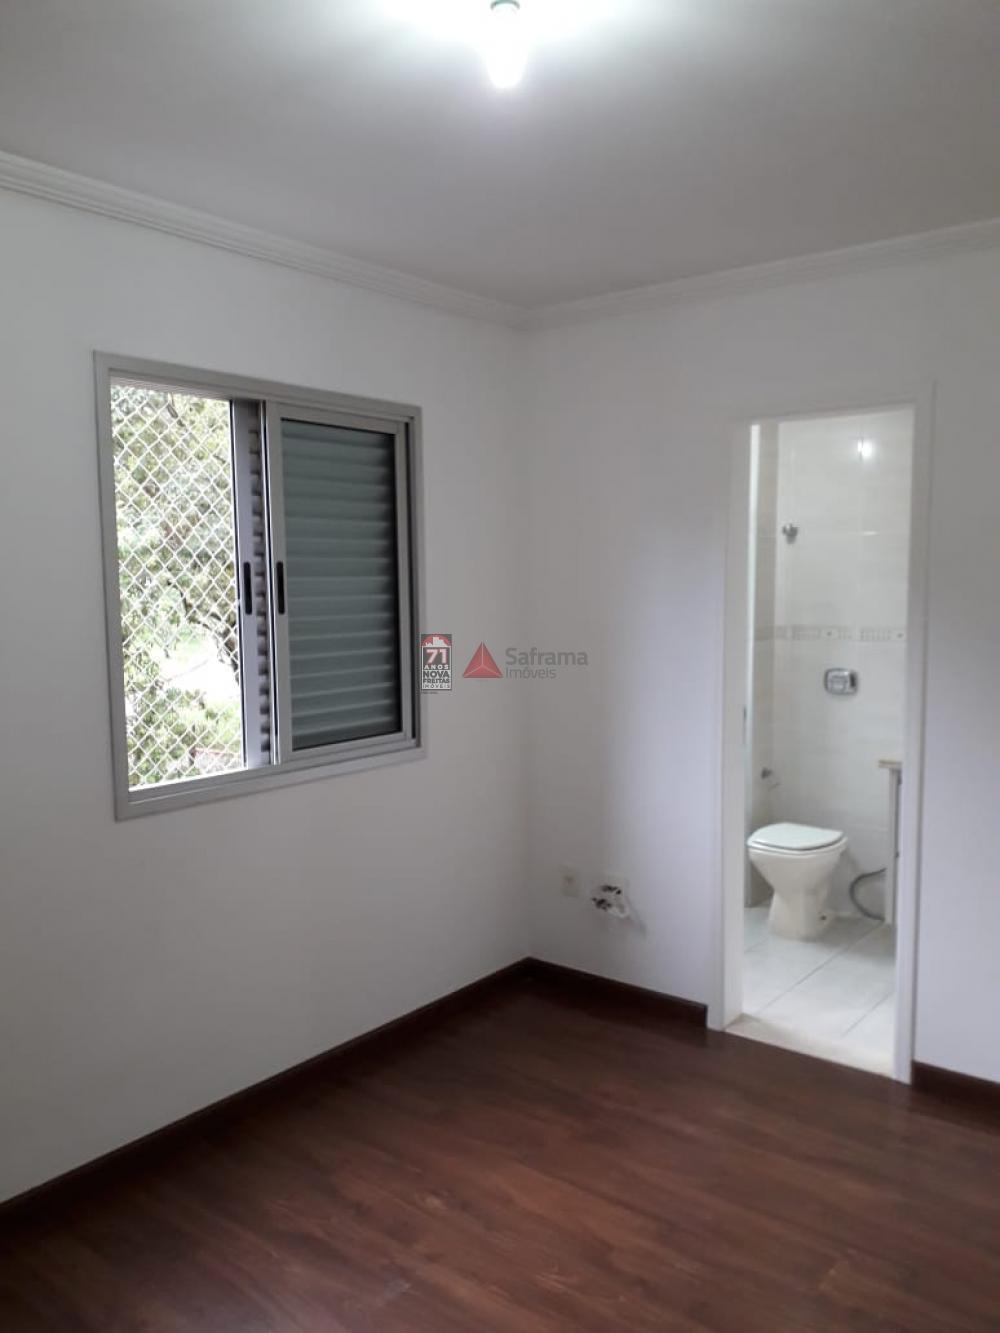 Comprar Apartamento / Padrão em São José dos Campos apenas R$ 330.000,00 - Foto 13